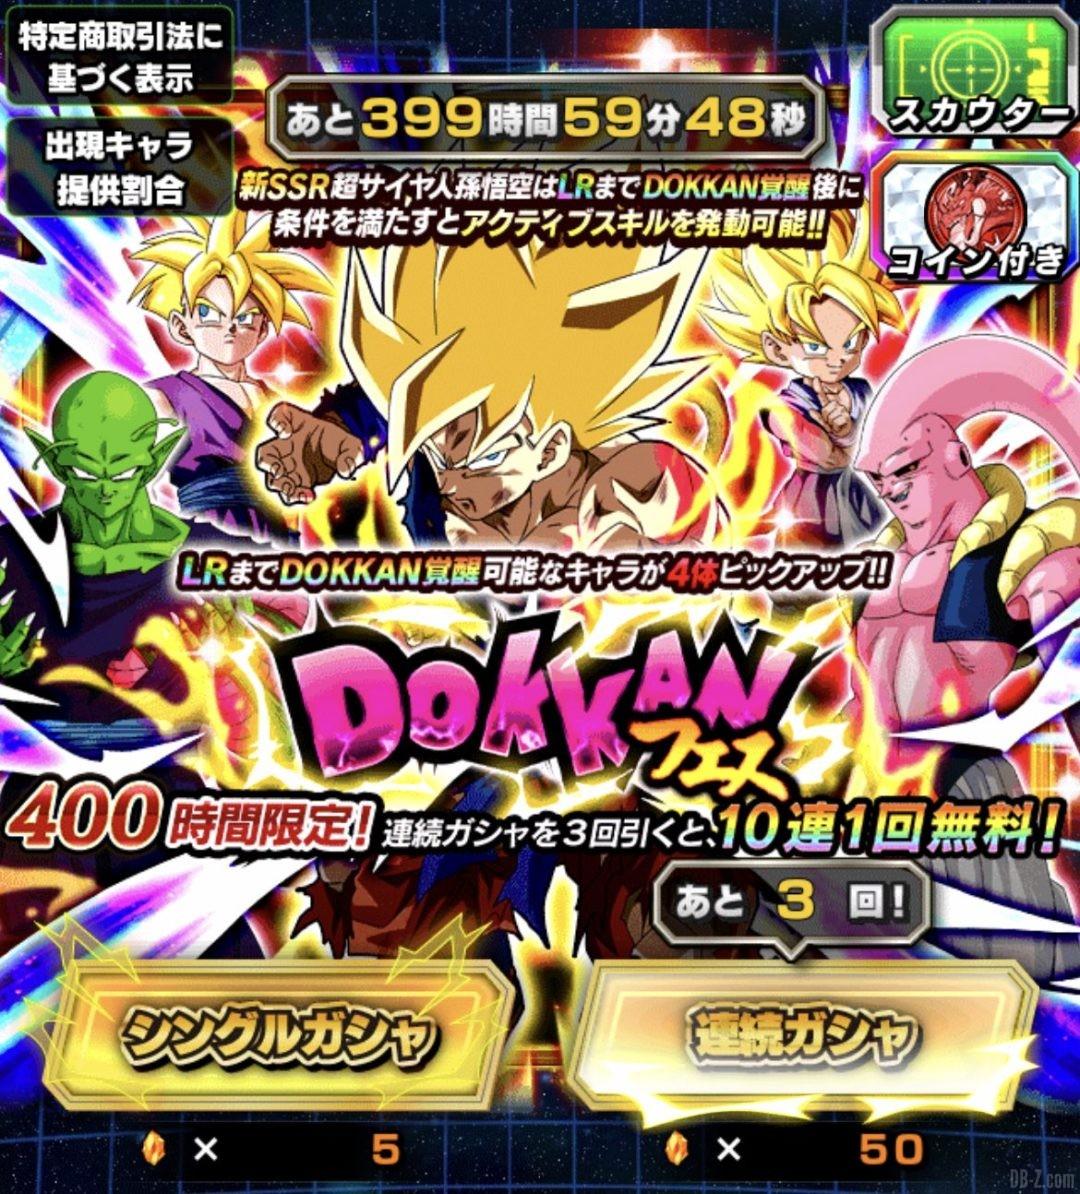 LR Goku Super Saiyan 350 millions